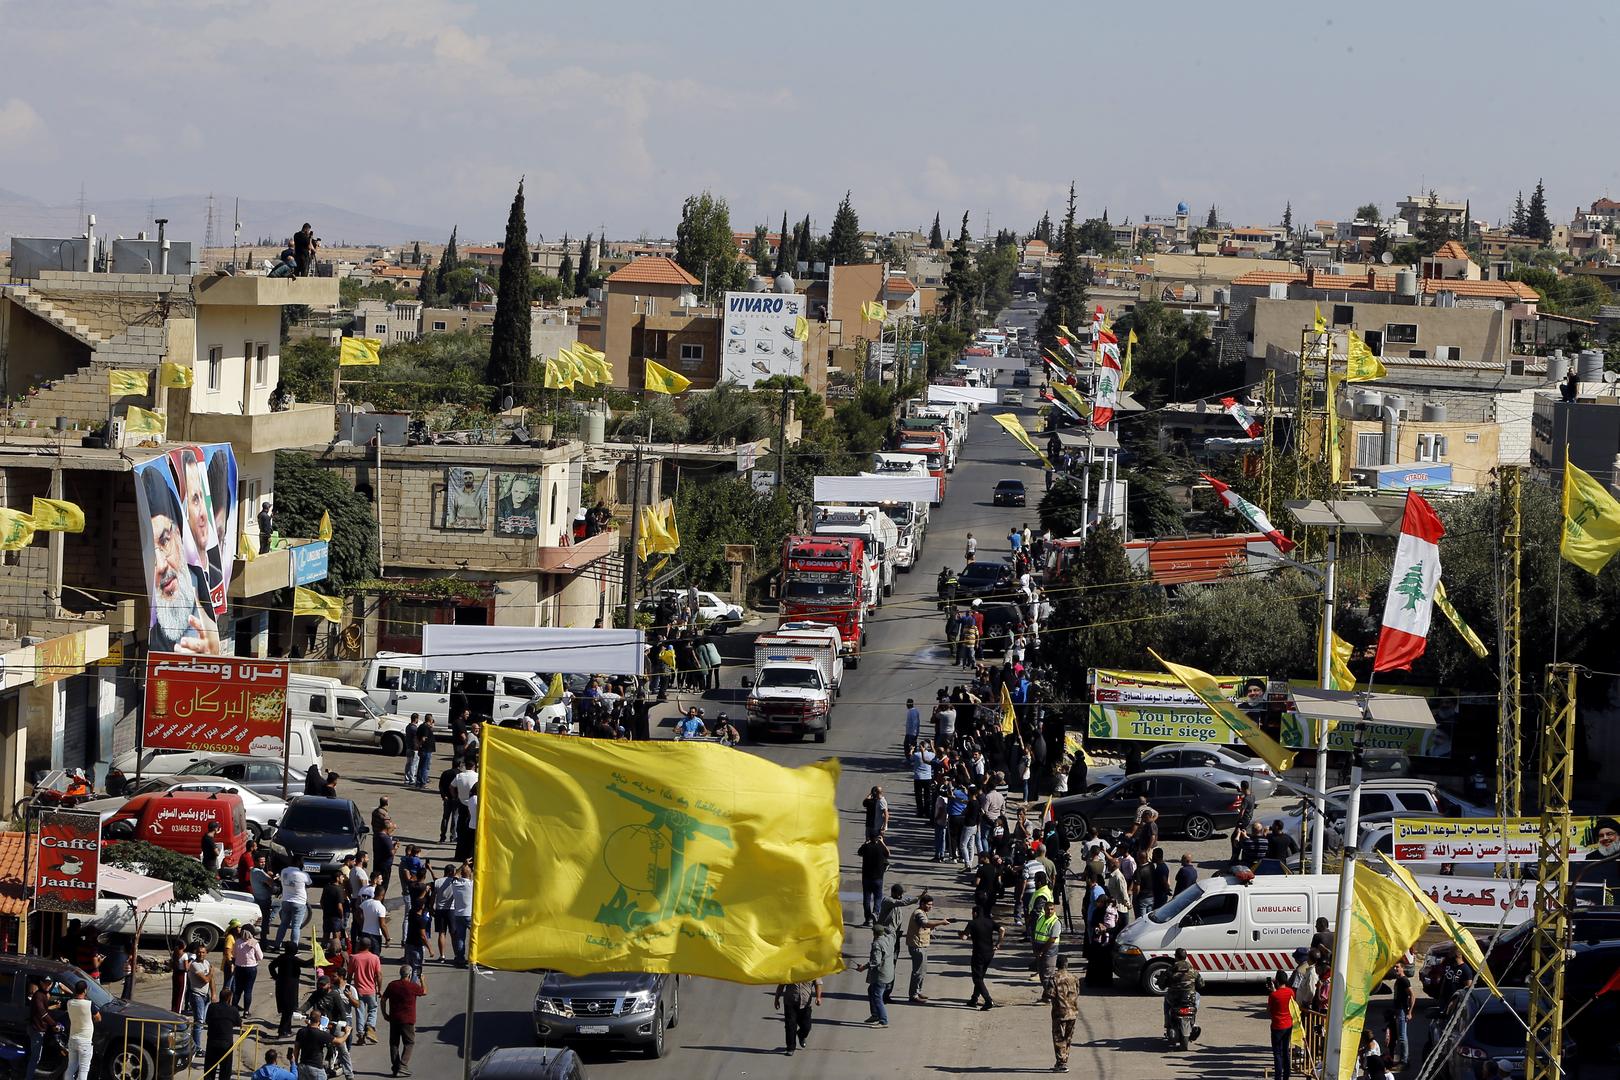 لبنان.. قافلة المازوت الإيراني قسمت إلى 4 أقسام وتدخل تباعا إلى القرى والبلدات